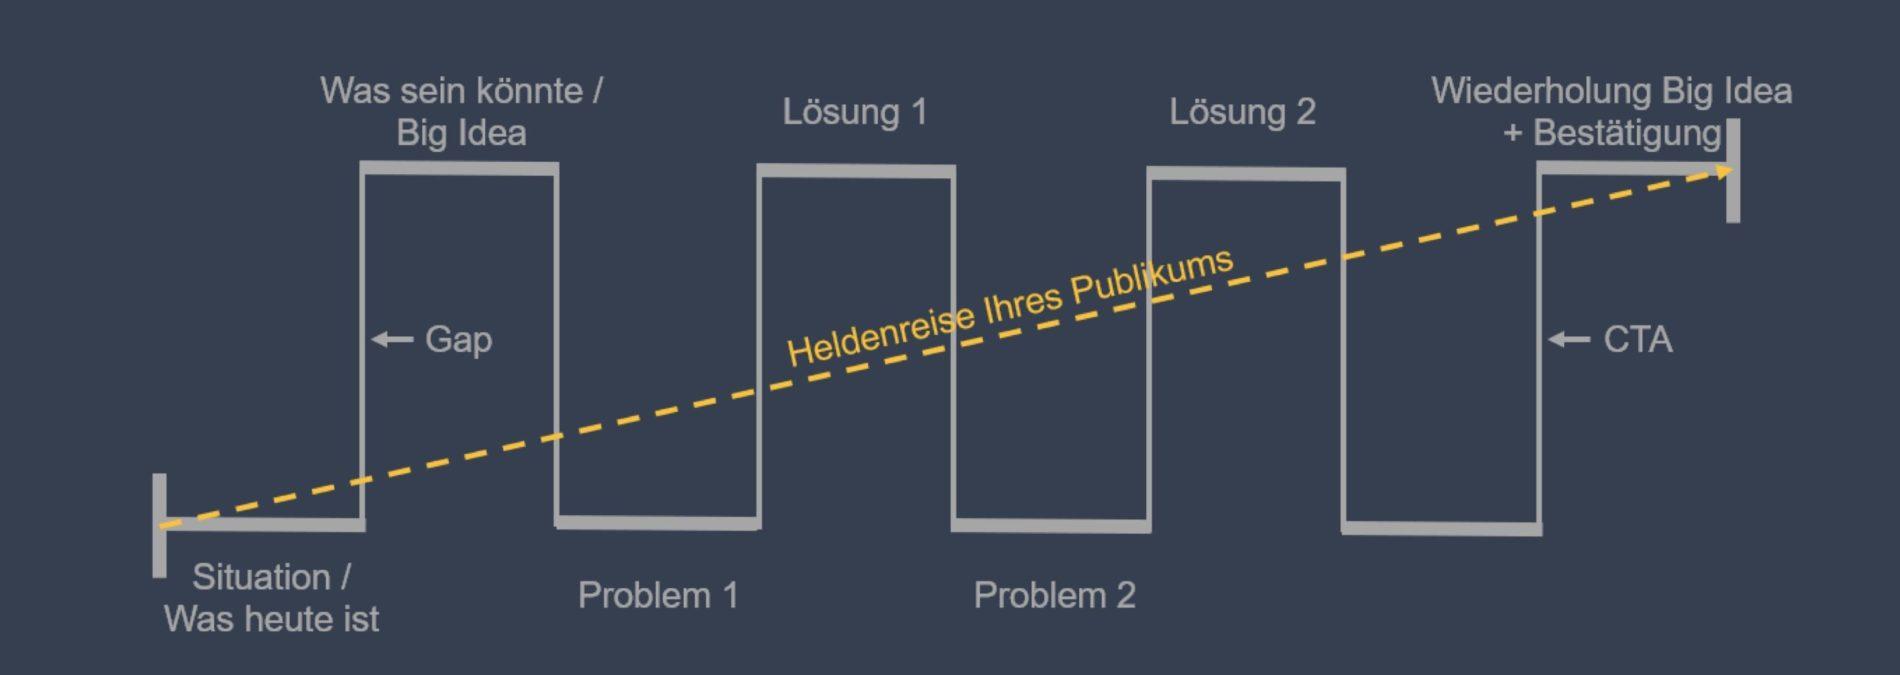 Präsentationstraining